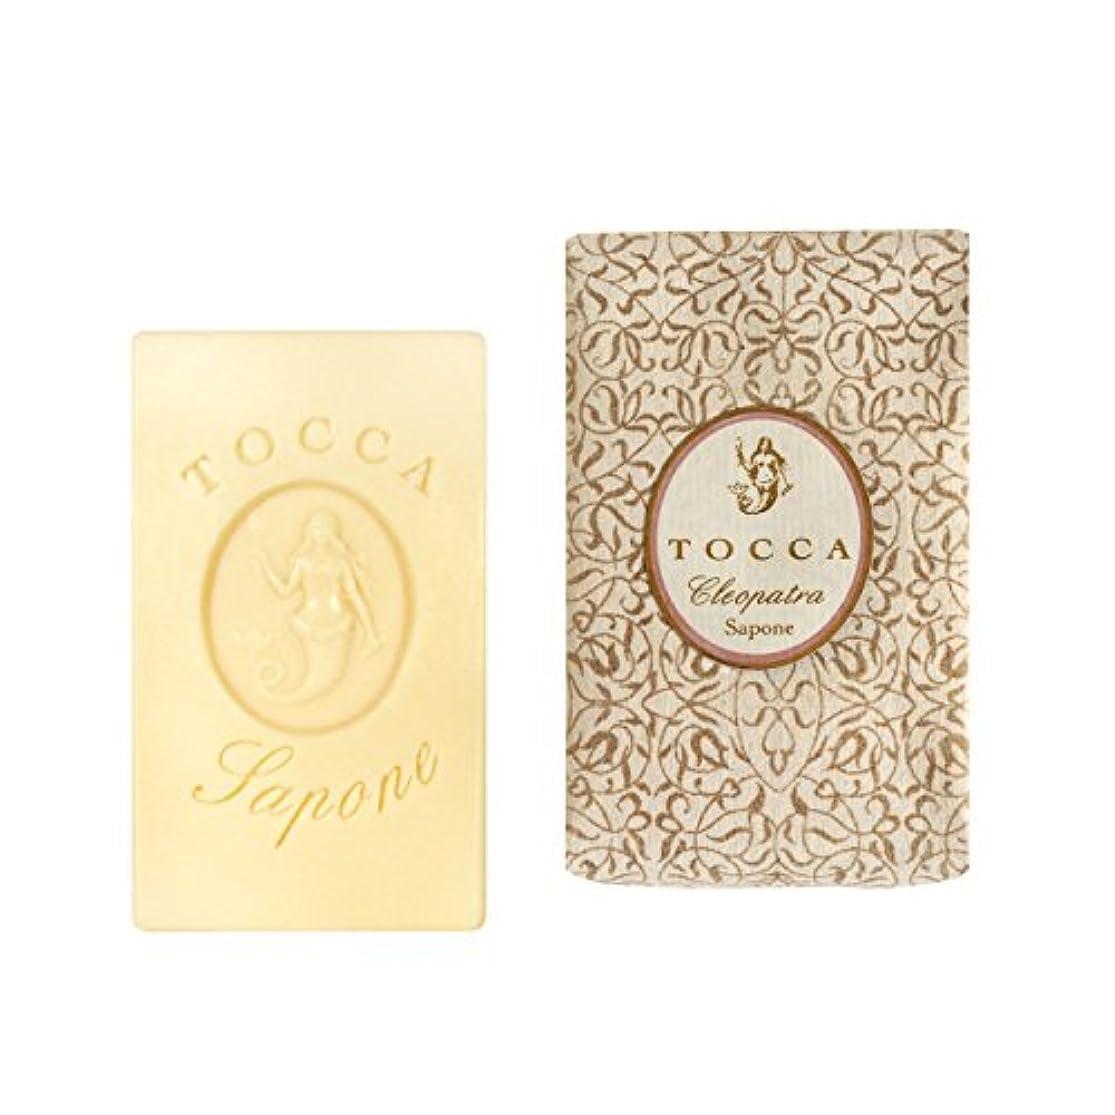 セッションタイヤ気楽なトッカ(TOCCA) ソープバー クレオパトラの香り 113g(石けん 化粧石けん グレープフルーツとキューカンバーのフレッシュでクリーンな香り)